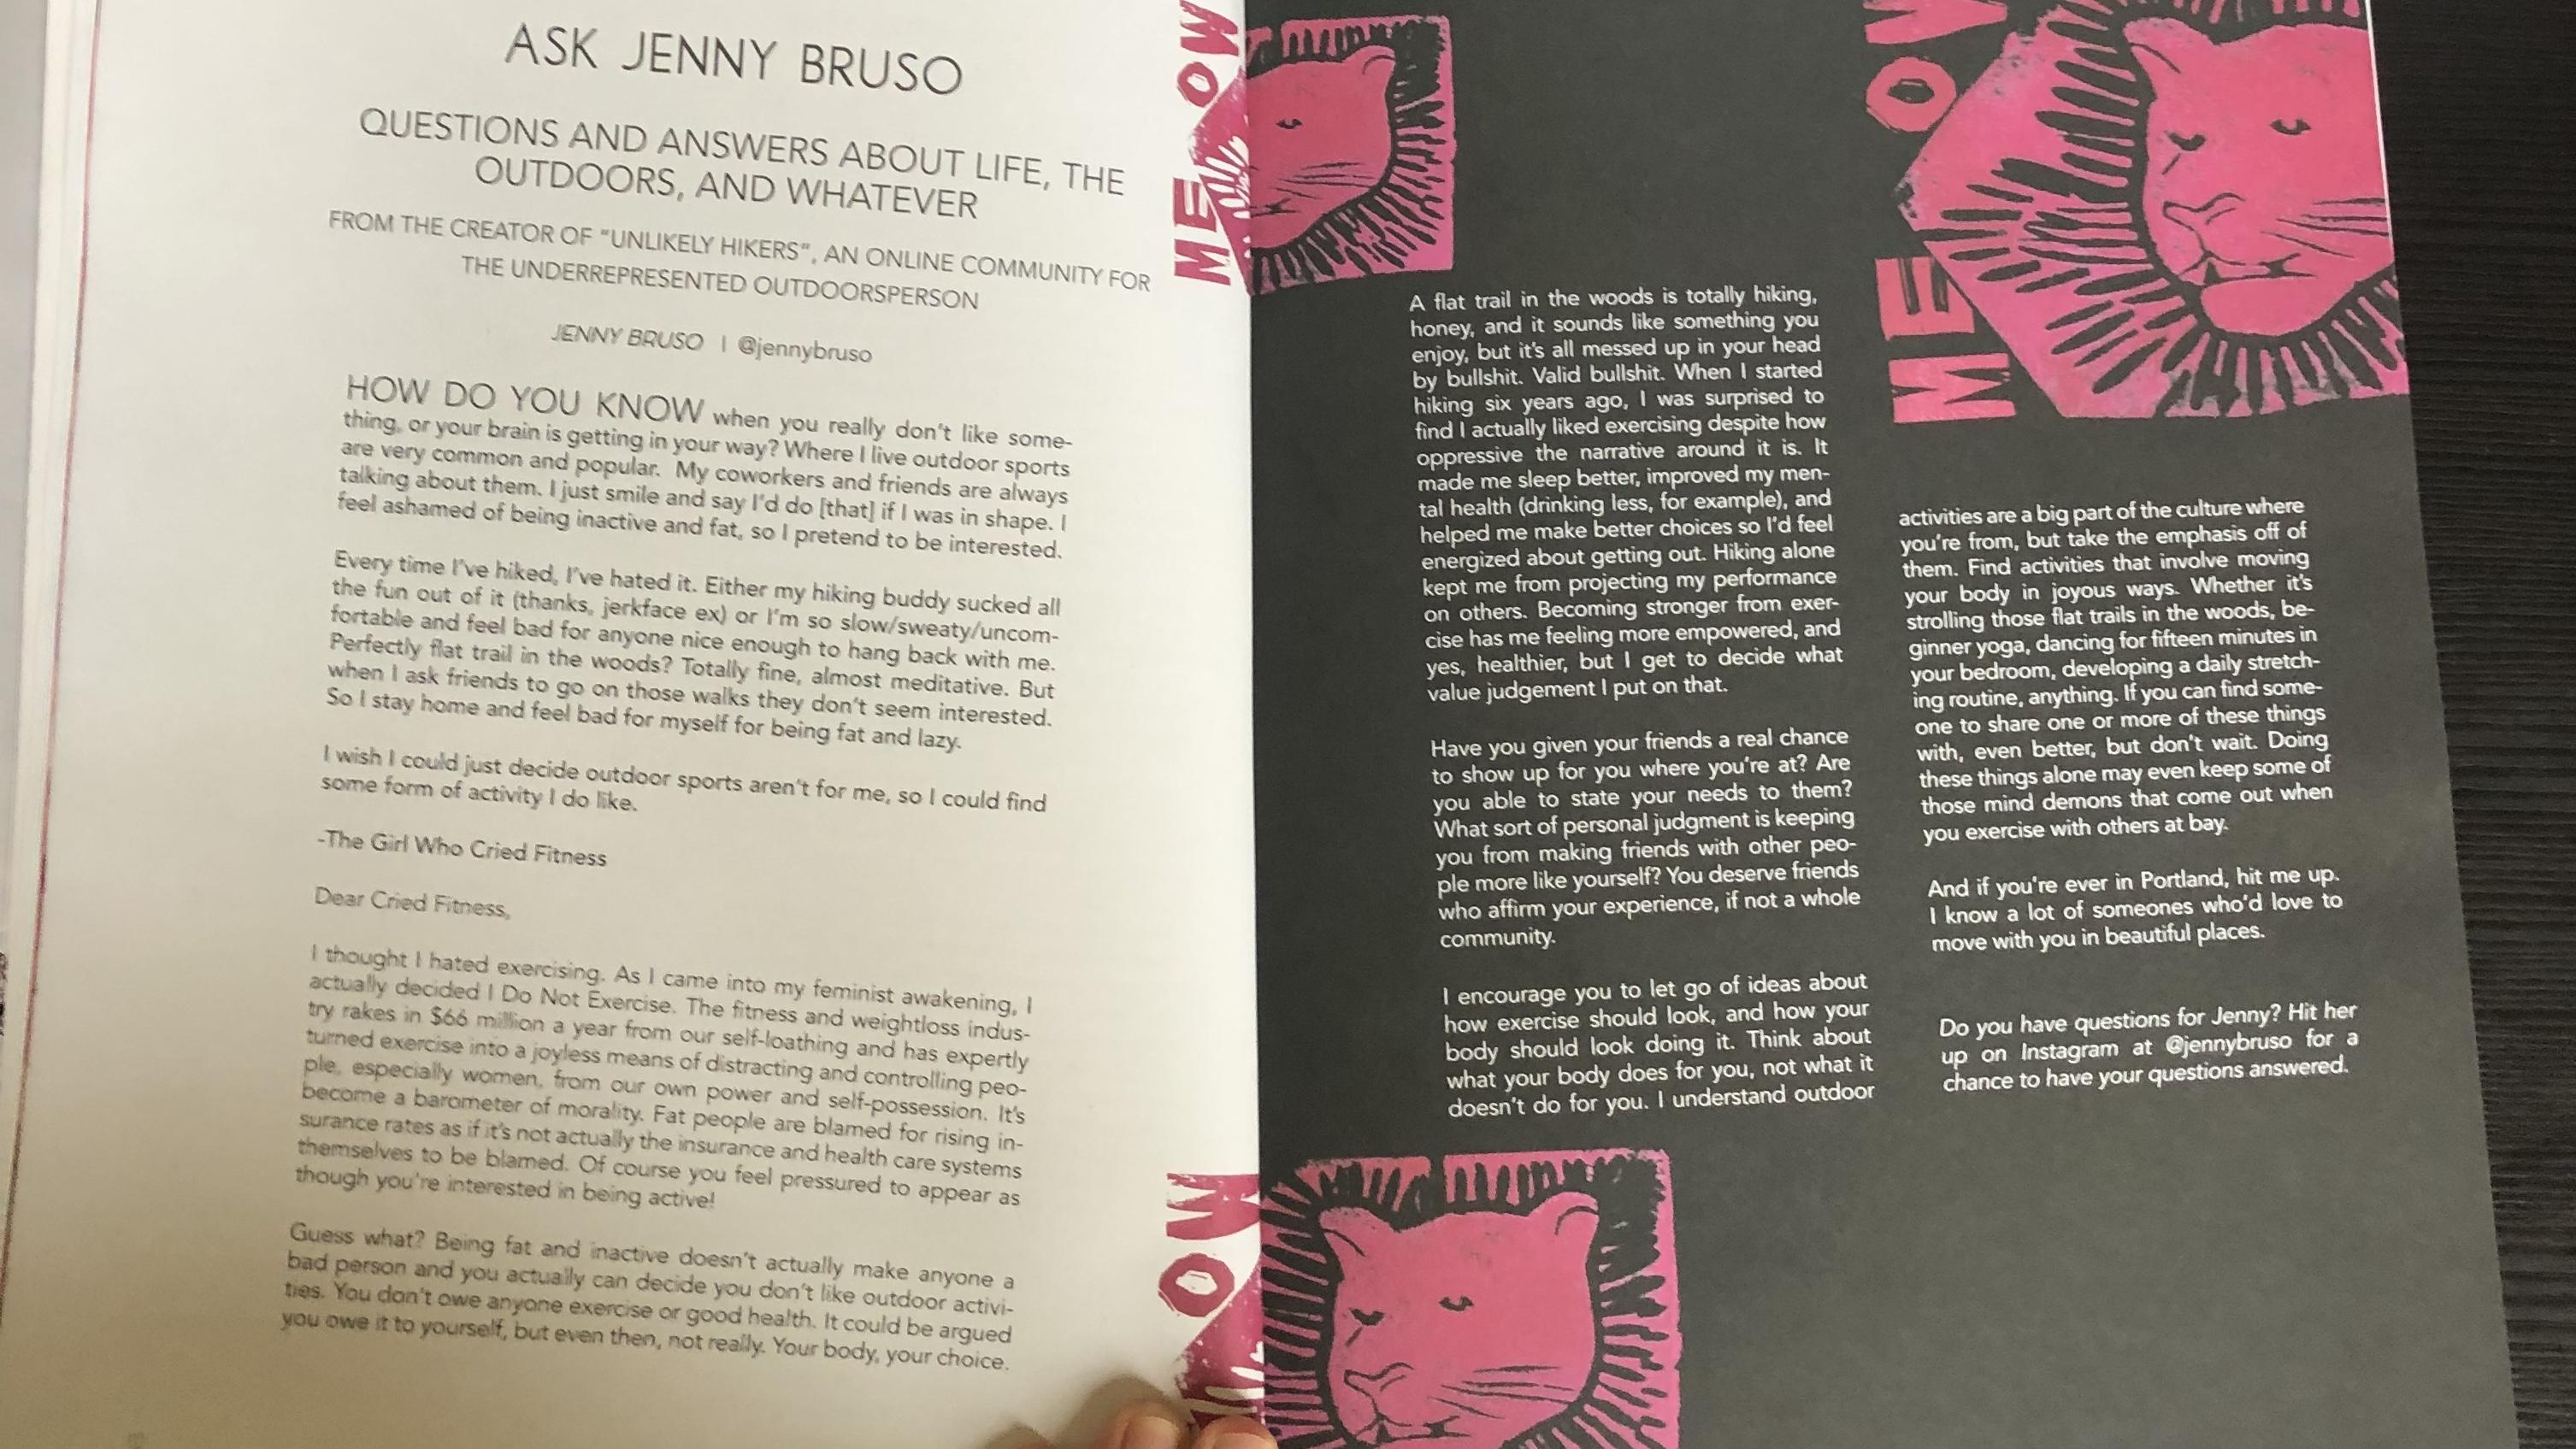 Ask Jenny Bruso #1 – Jenny Bruso